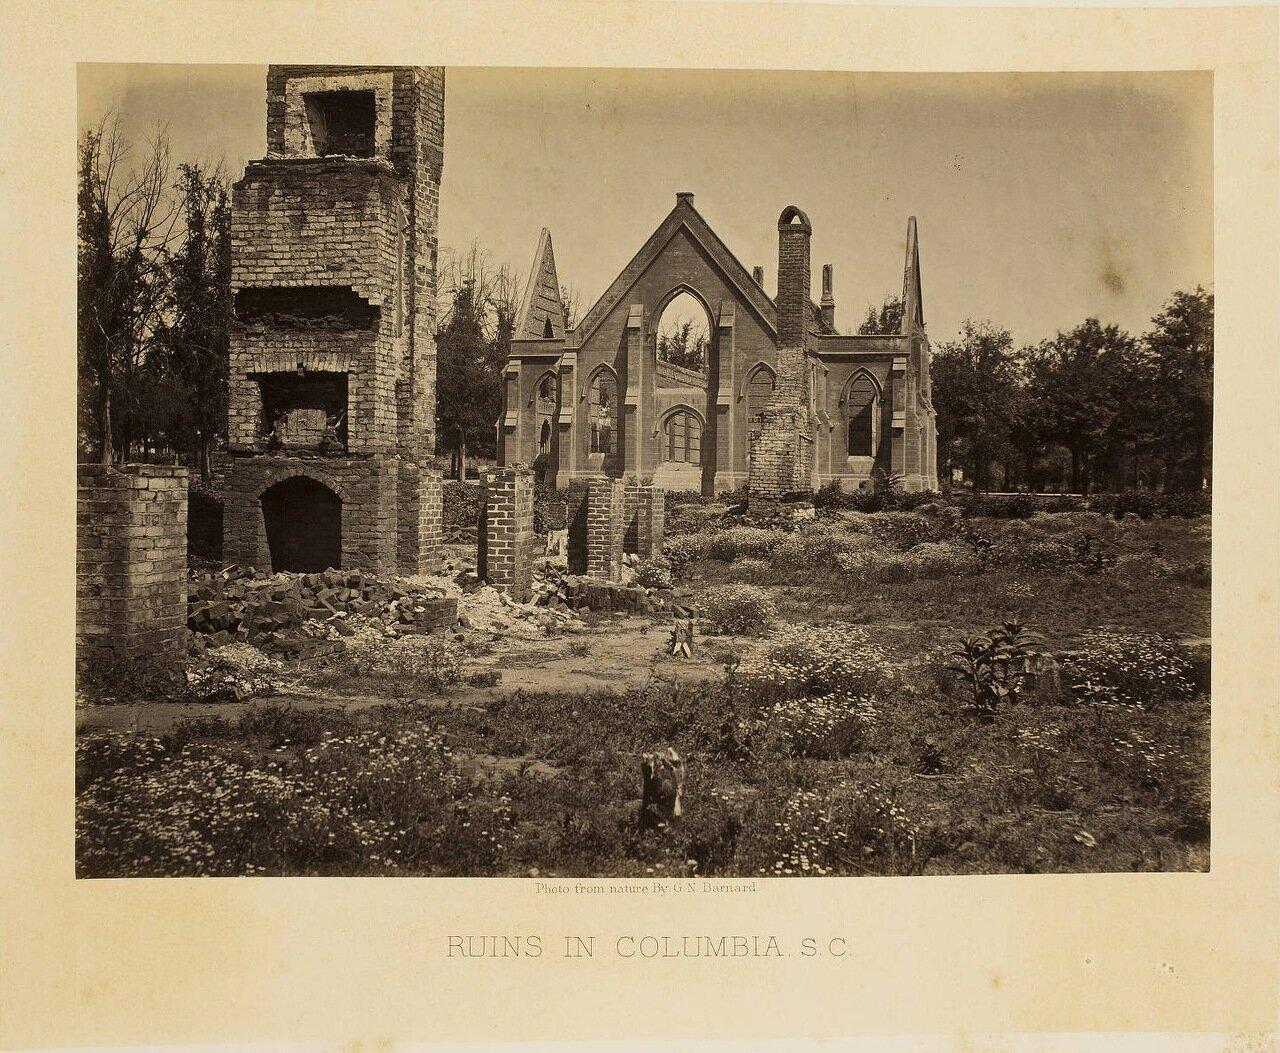 Разрушения в Колумбии, Южная Каролина